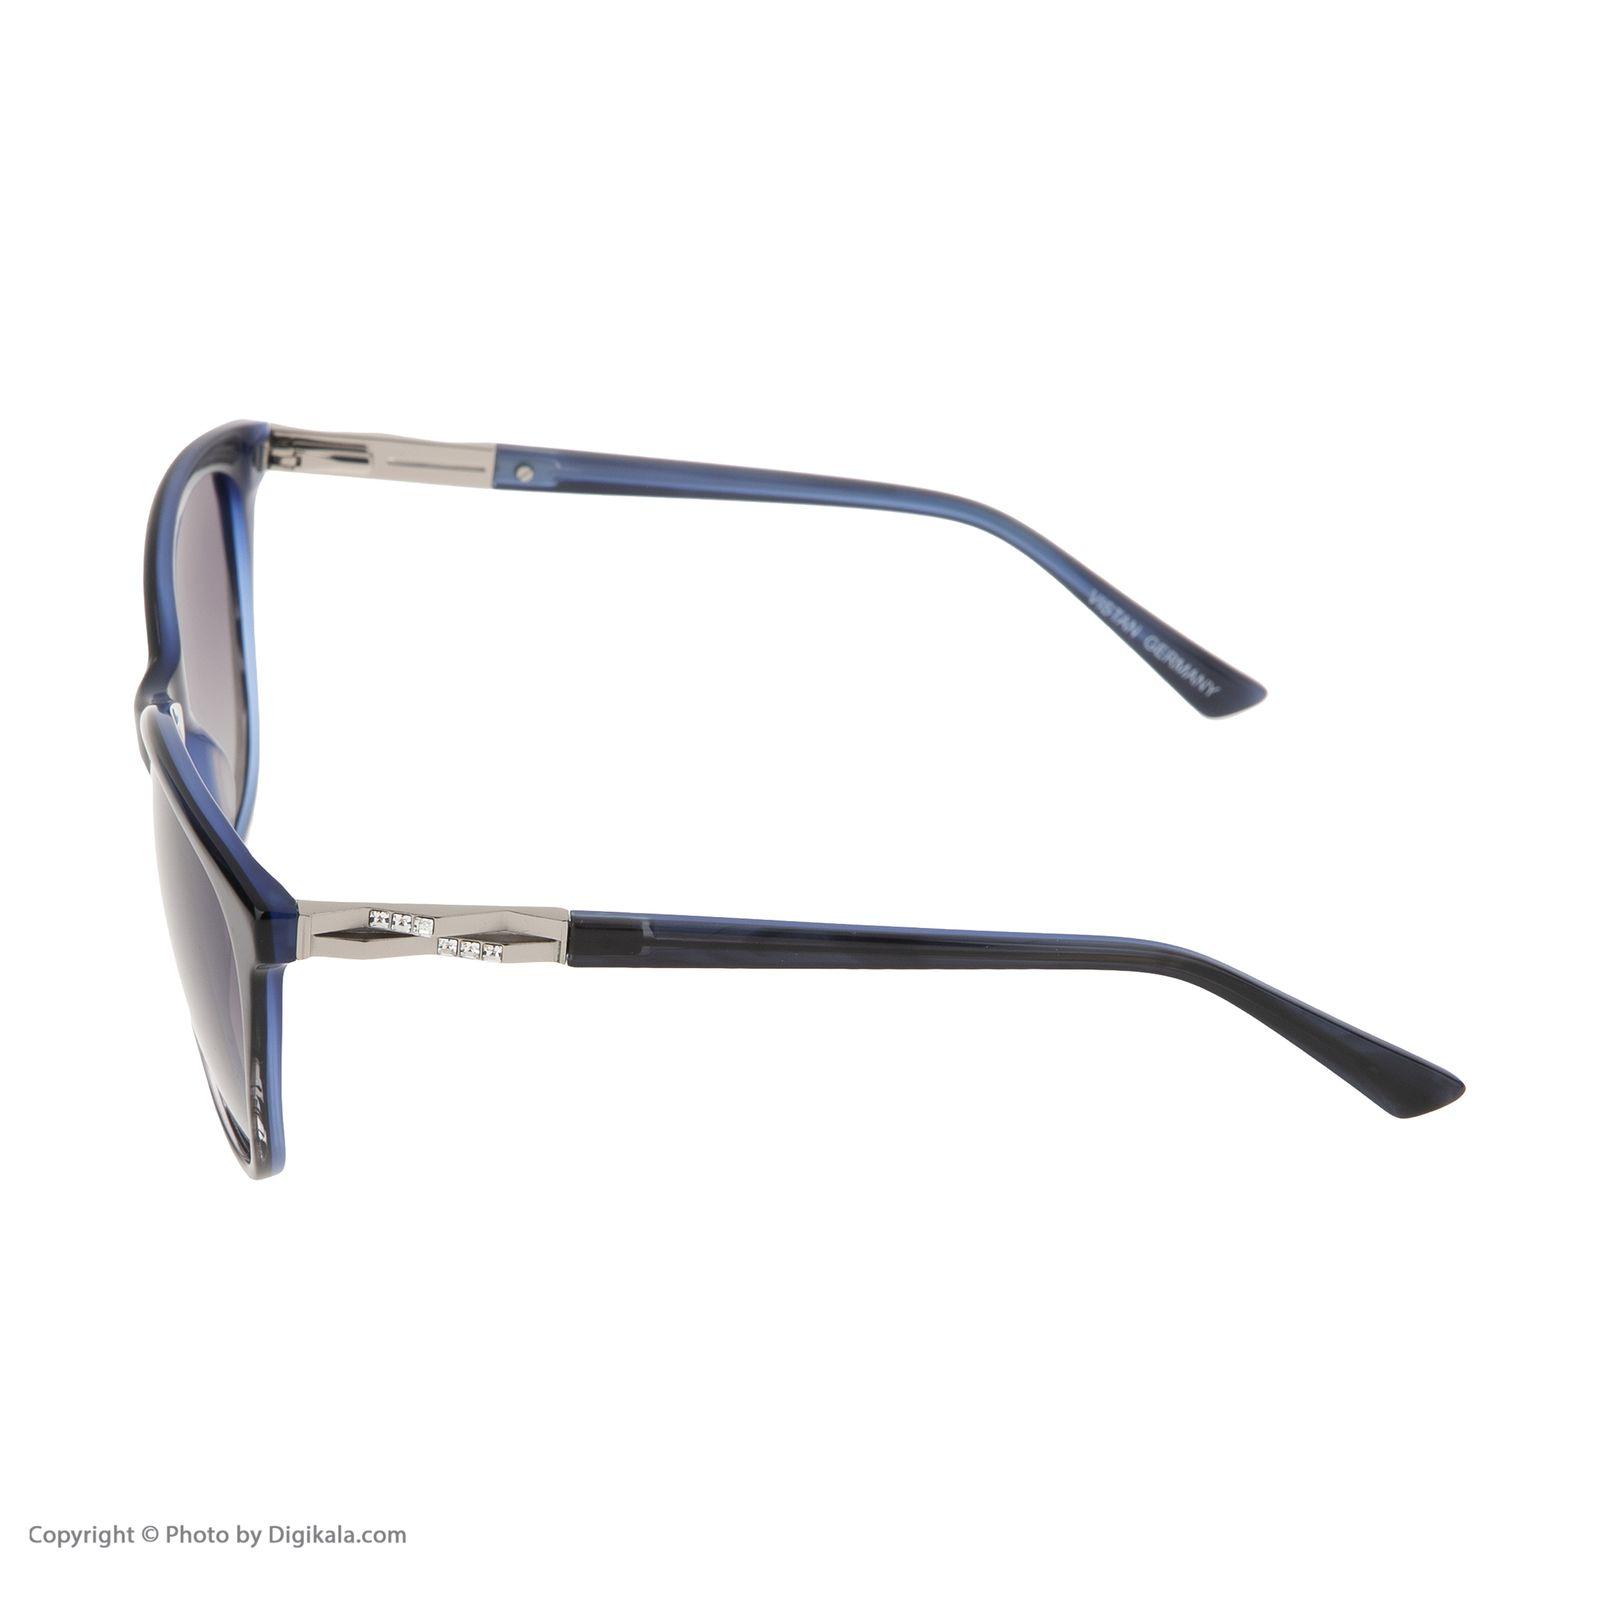 عینک آفتابی زنانه ویستان مدل 7998003 -  - 4